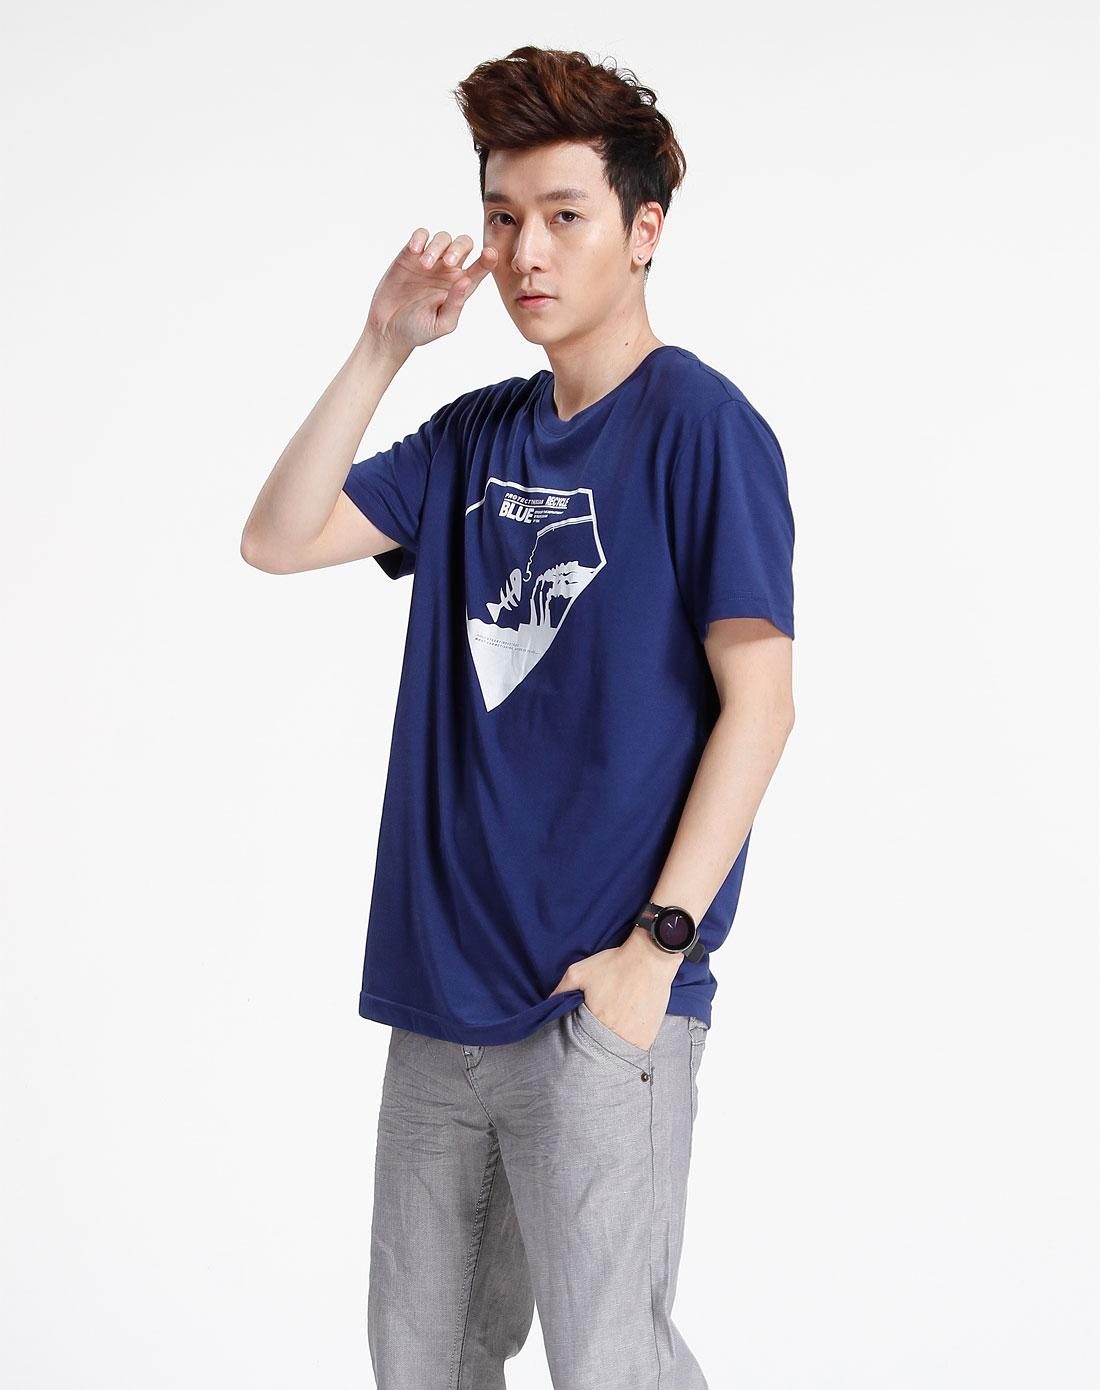 森马-男装深蓝色休闲印花短袖t恤002151127-844图片